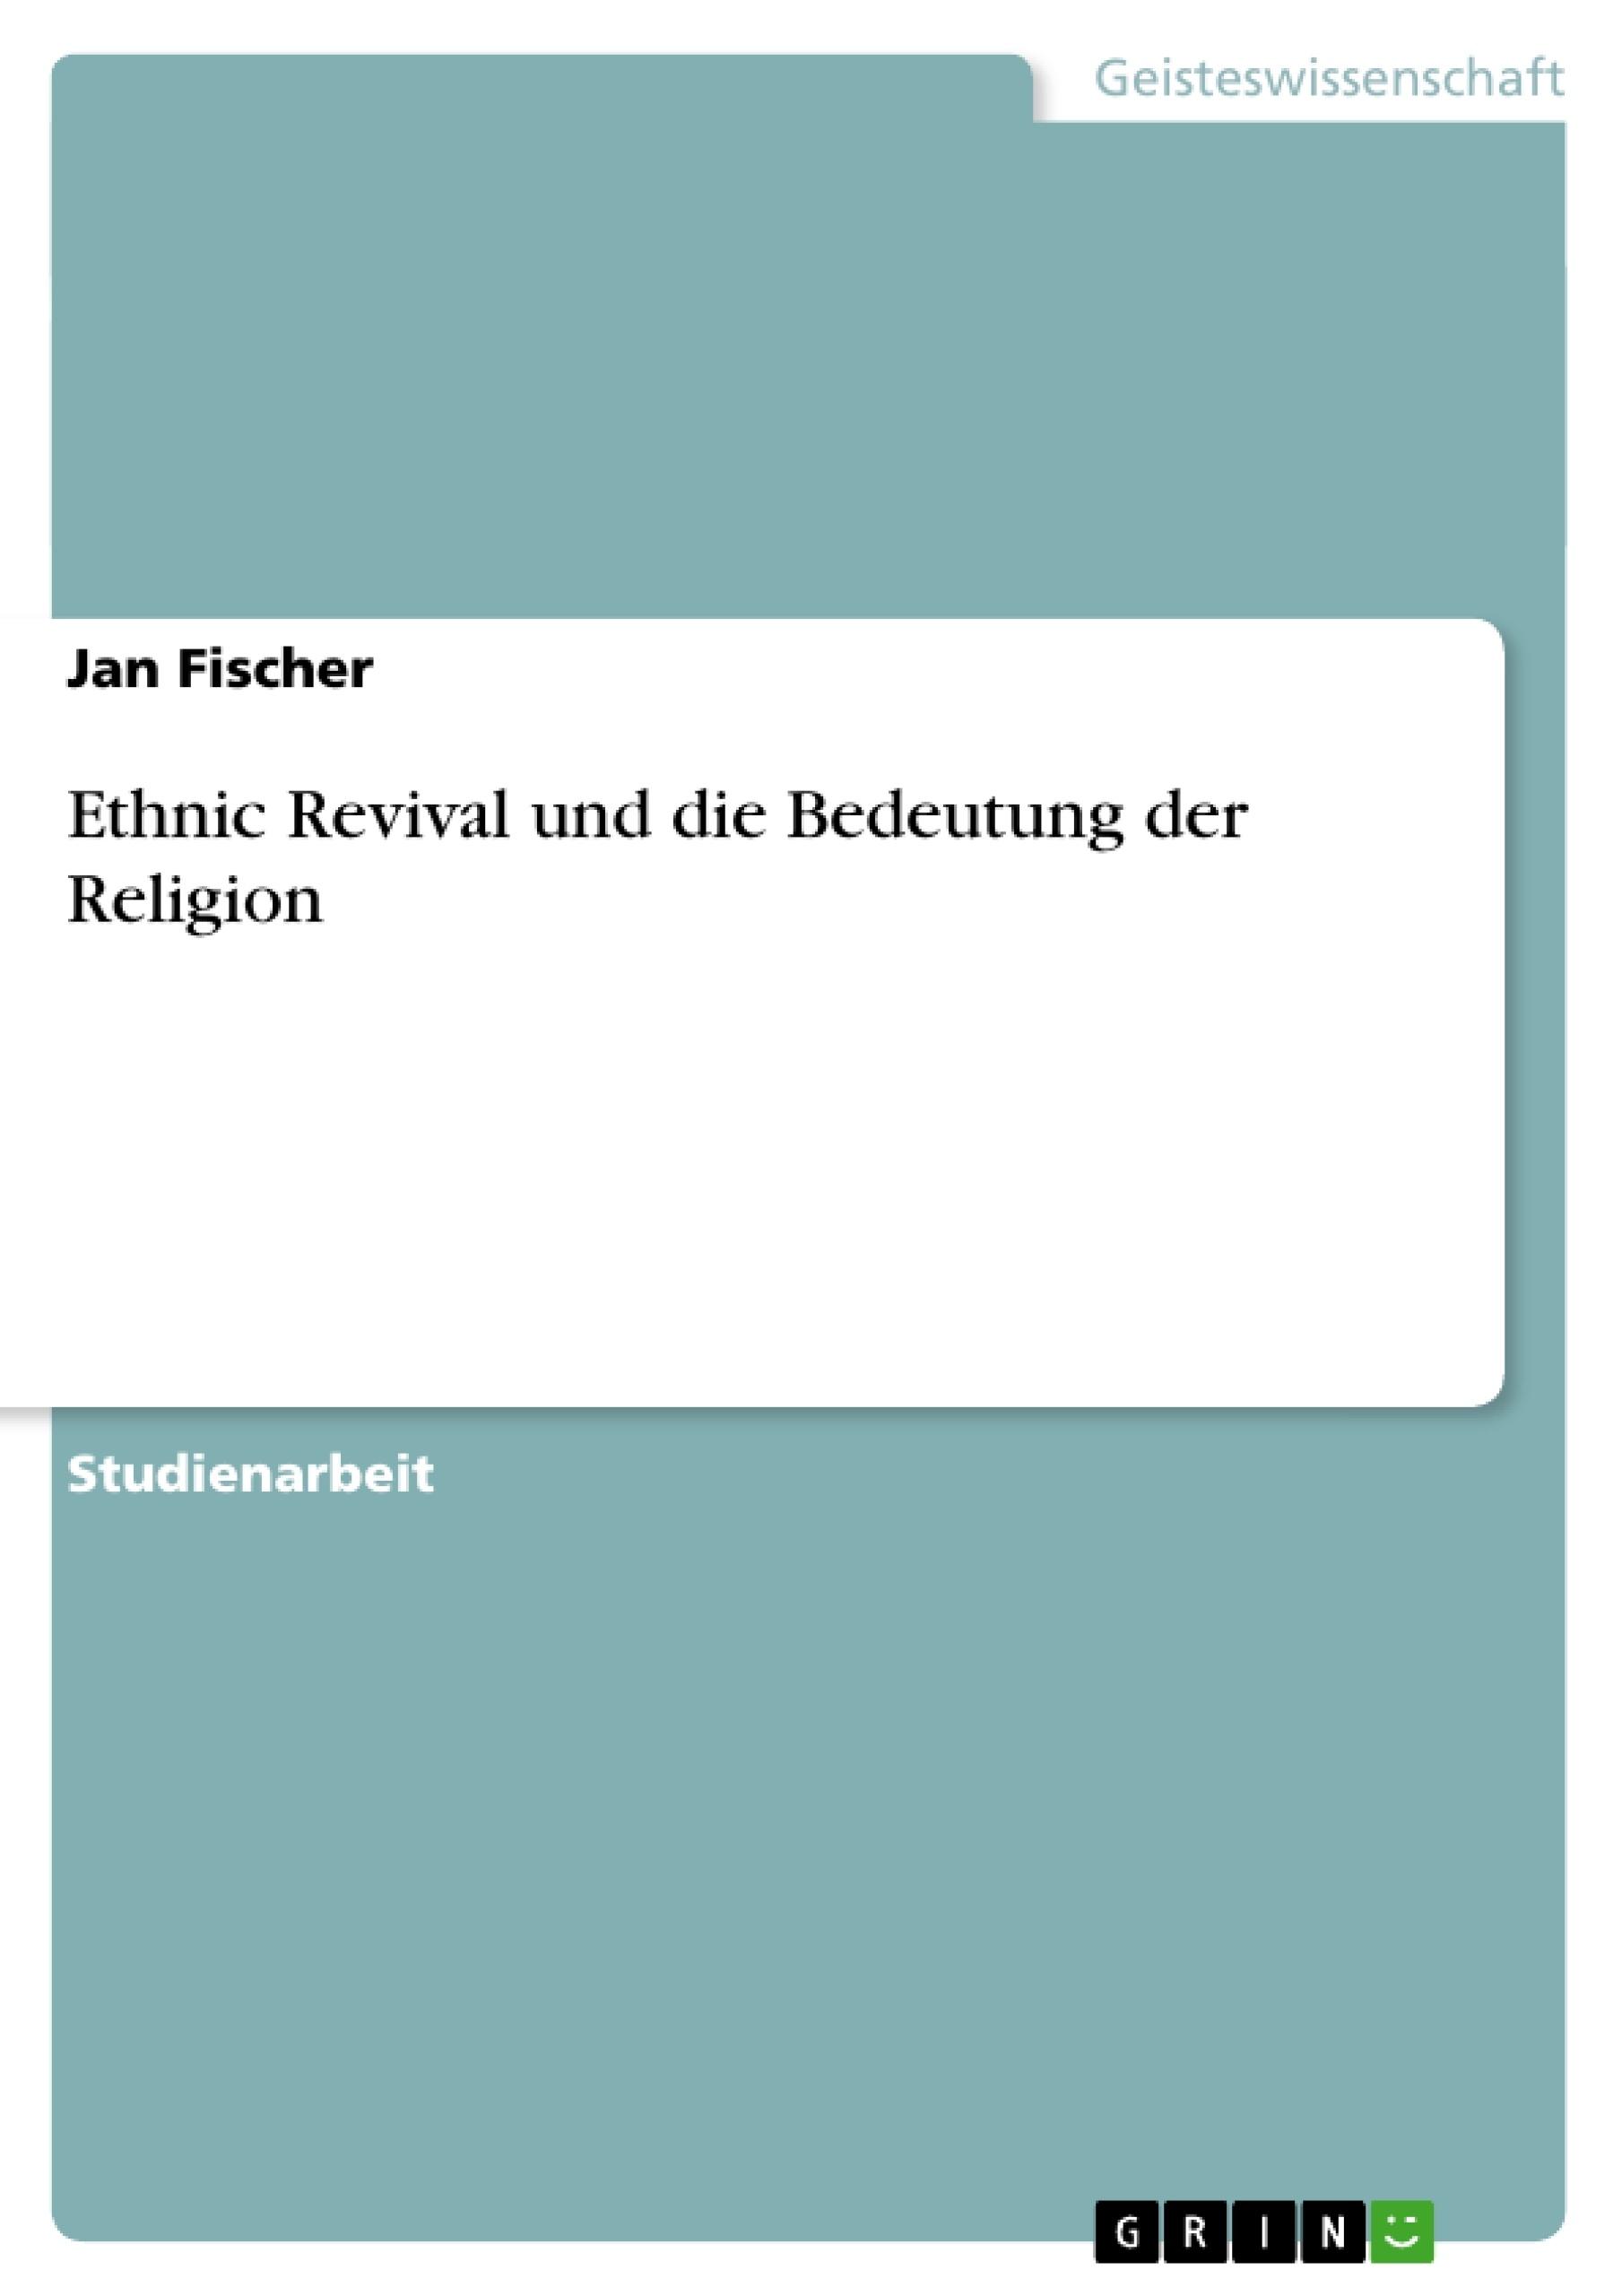 Titel: Ethnic Revival und die Bedeutung der Religion